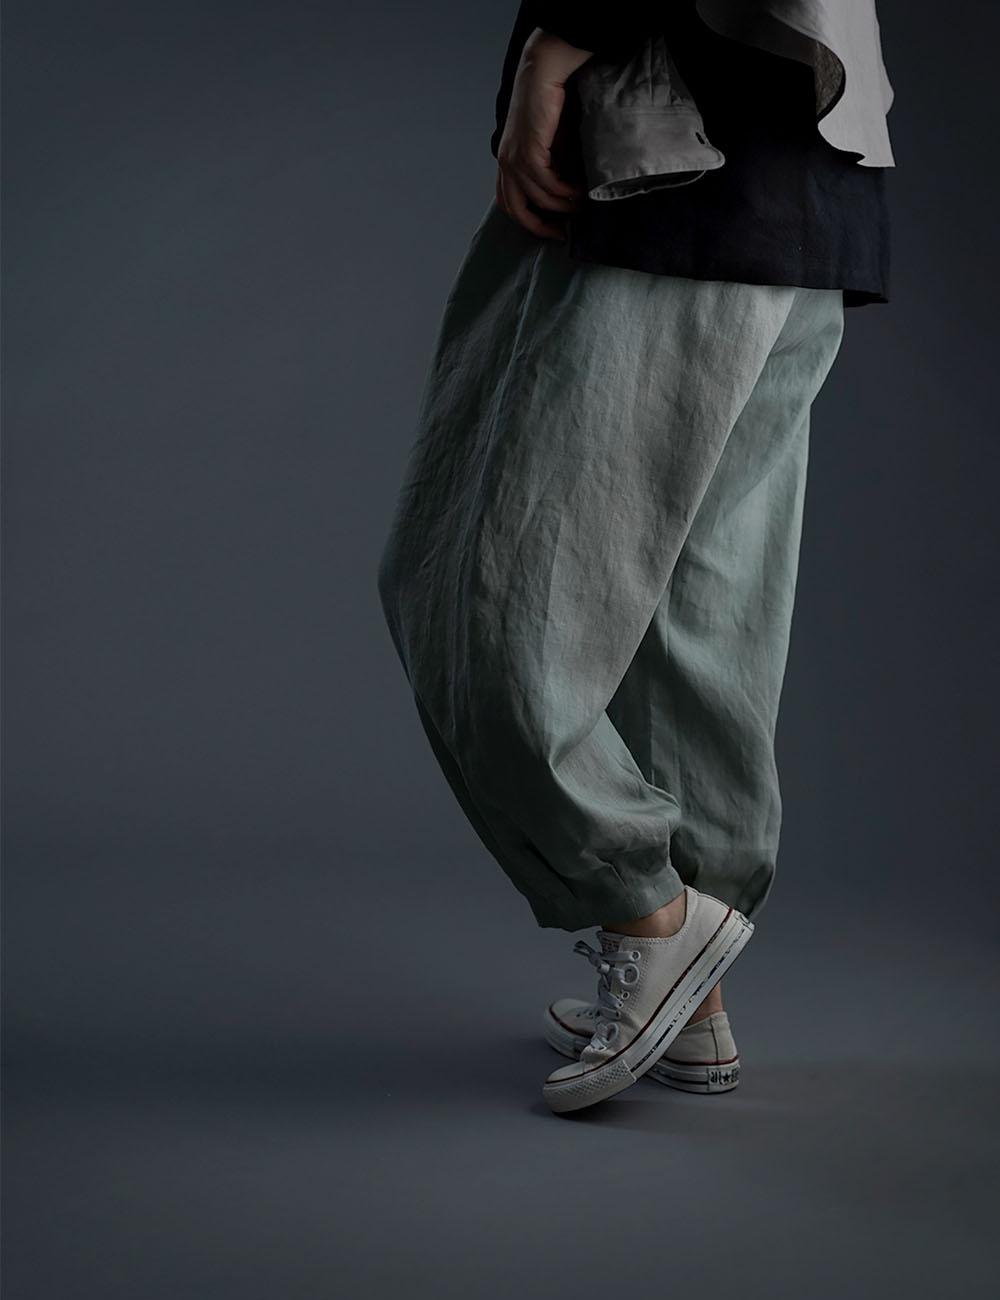 Linen Pants 裾タック ボトムス ヨガパンツにも /青磁鼠(せいじねず) b013a-snz1